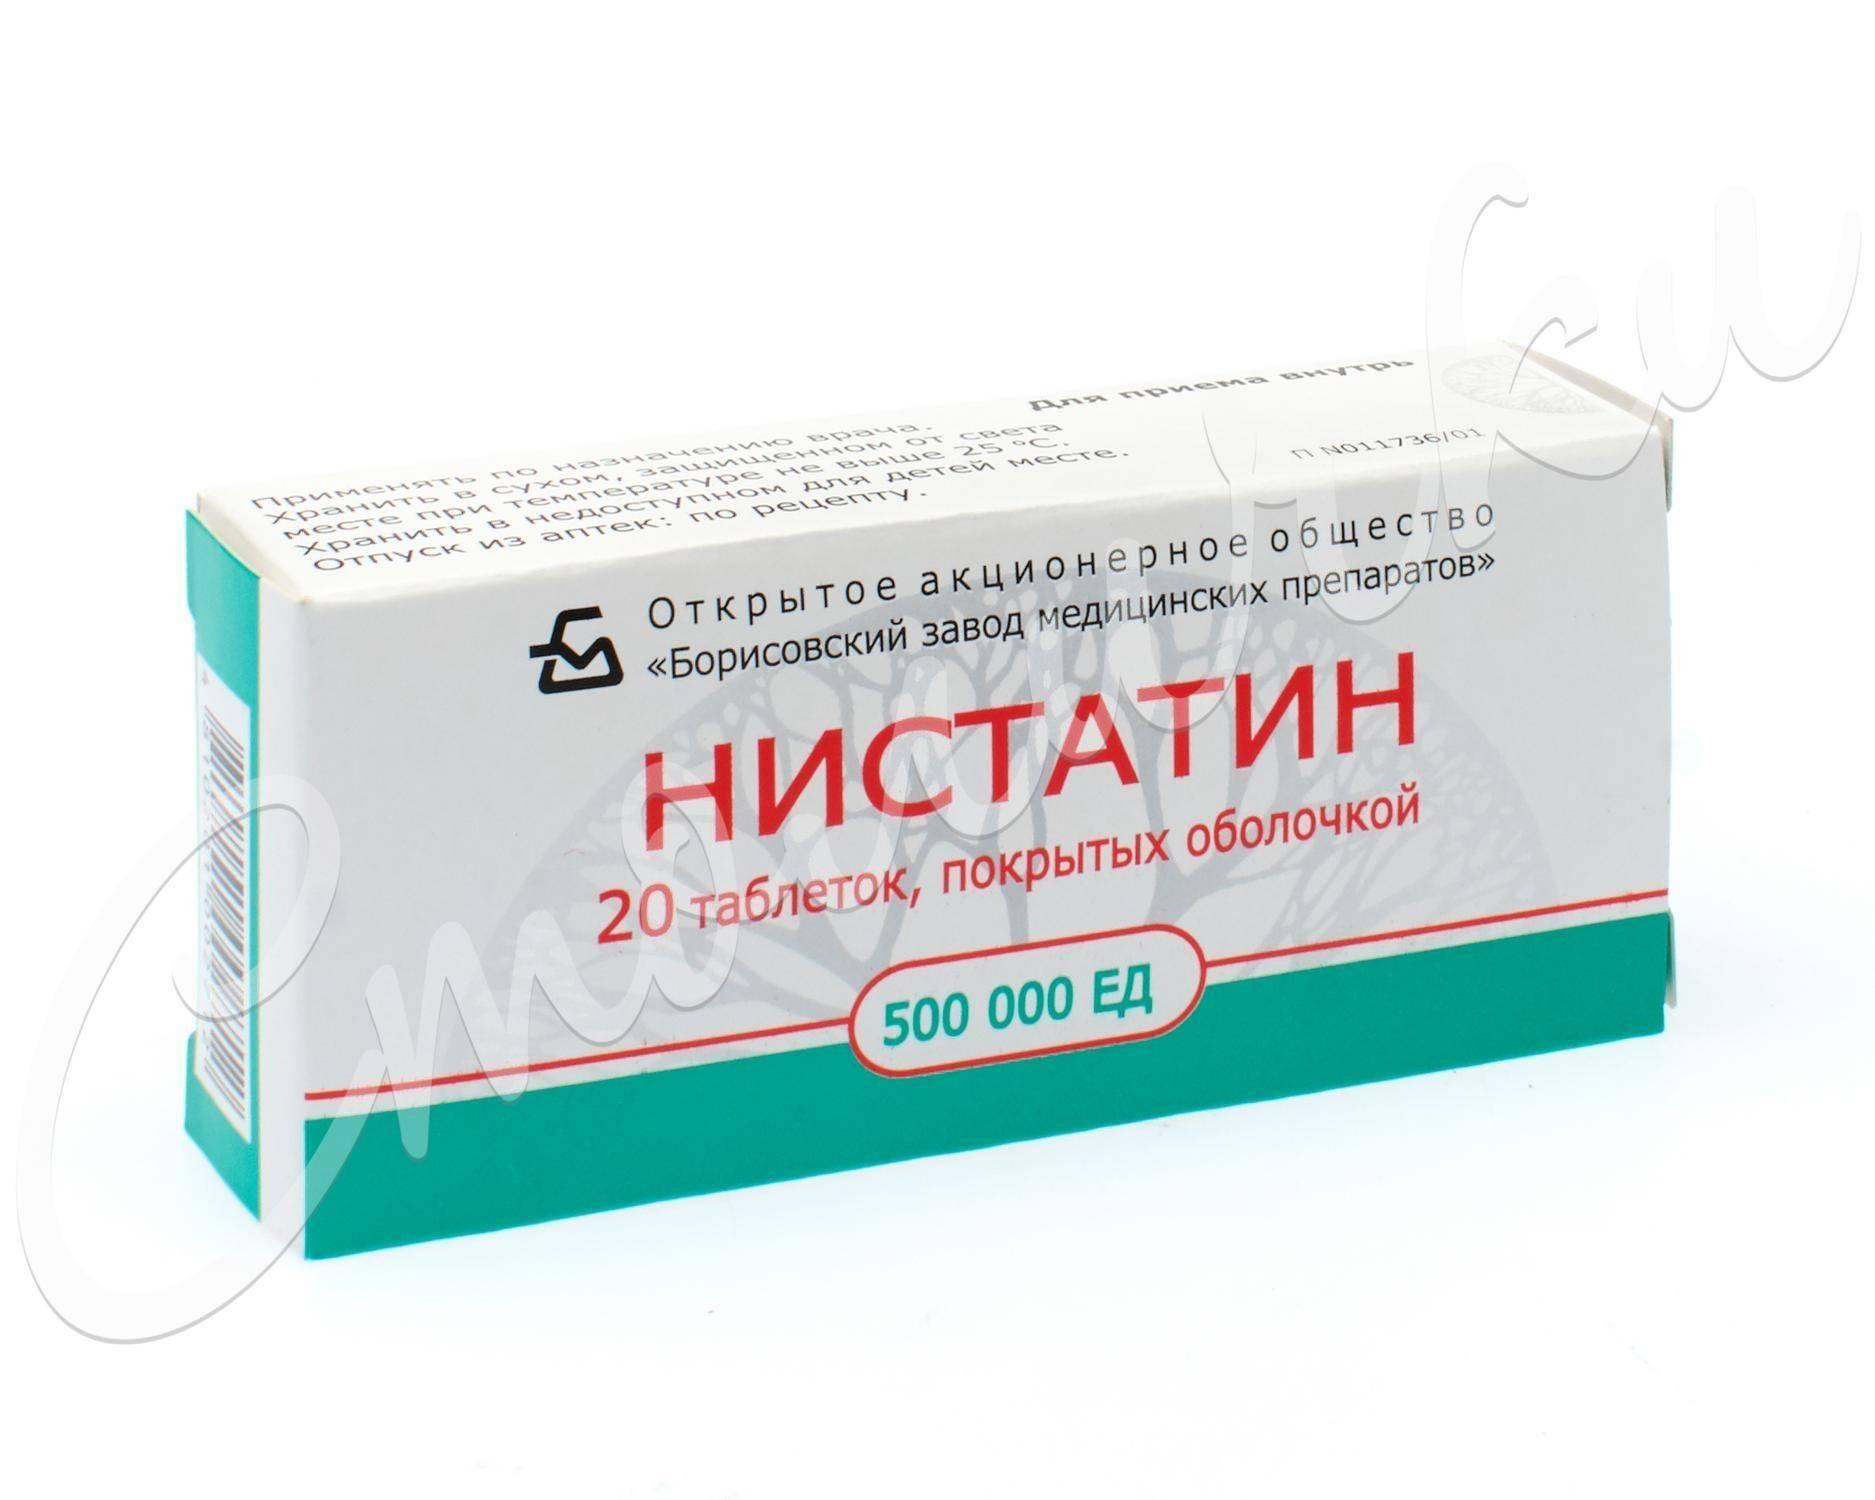 Нистатин таблетки и свечи: инструкция, аналоги, отзывы